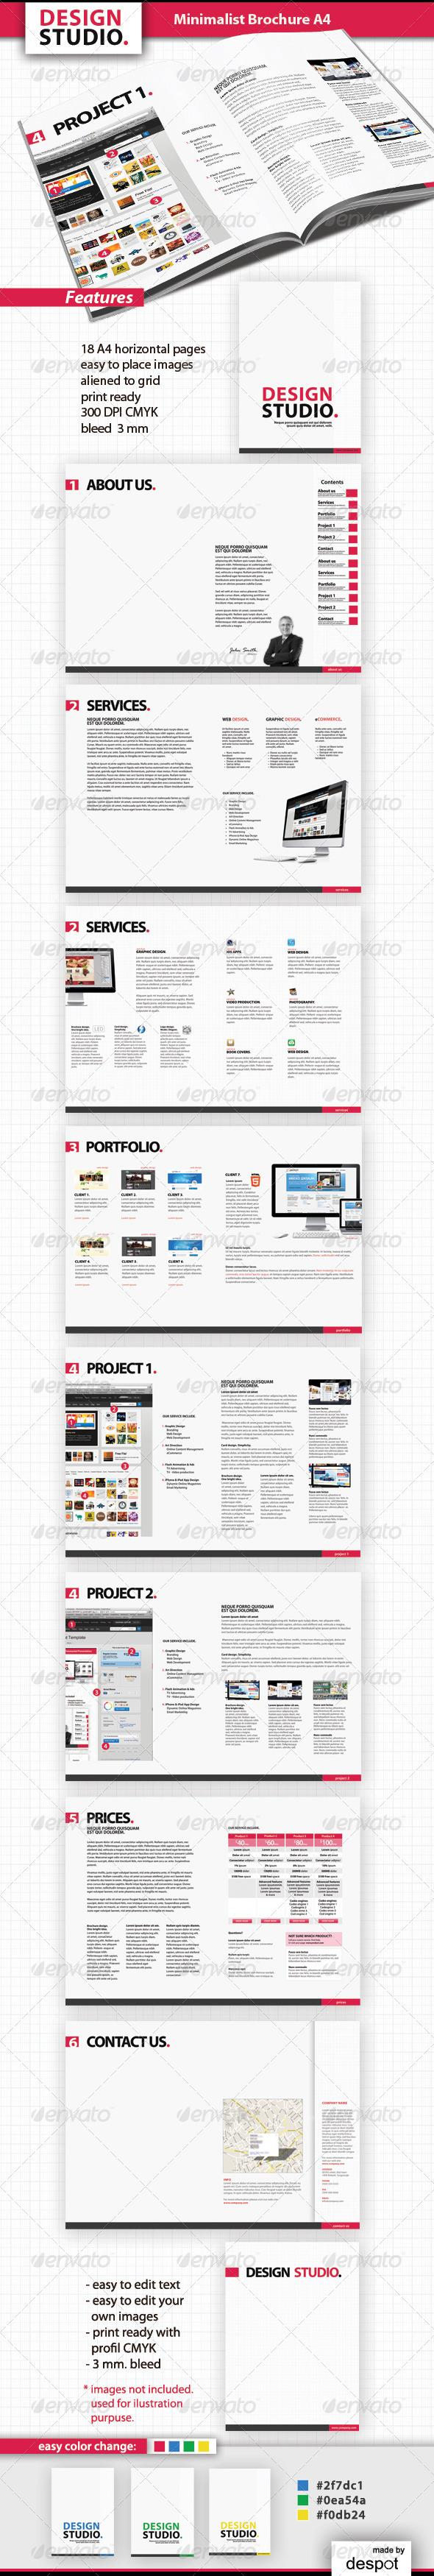 GraphicRiver Minimalist Brochure A4 1147521